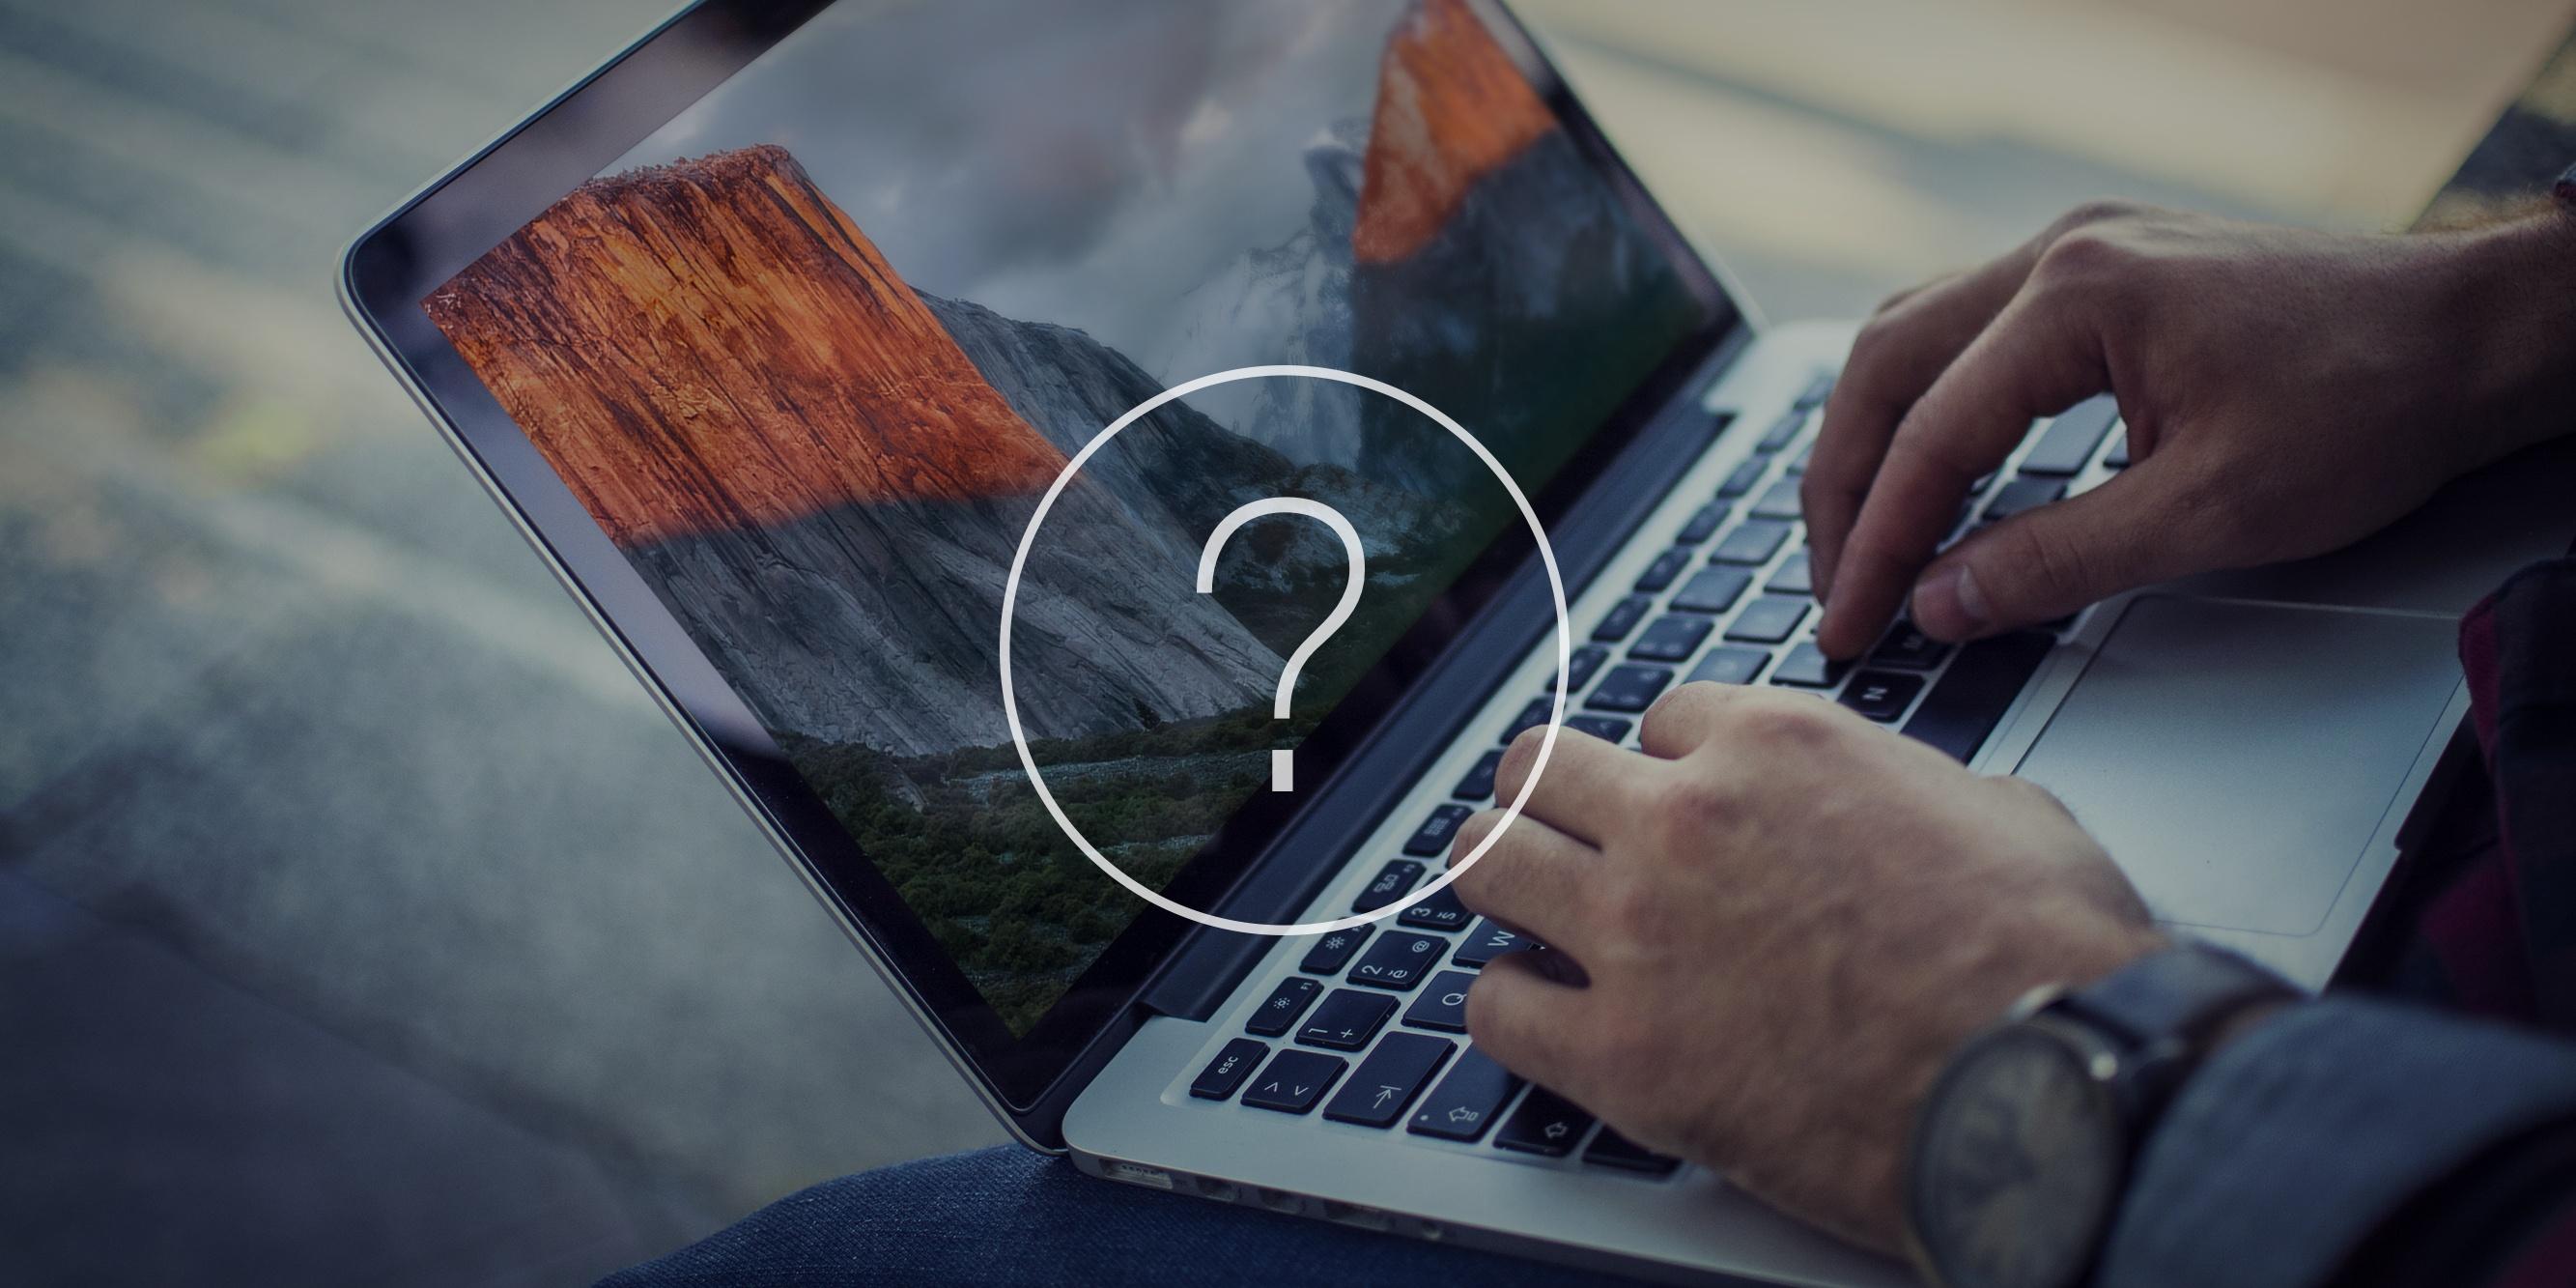 Как в OS X El Capitan максимально эффективно использовать экранное пространство